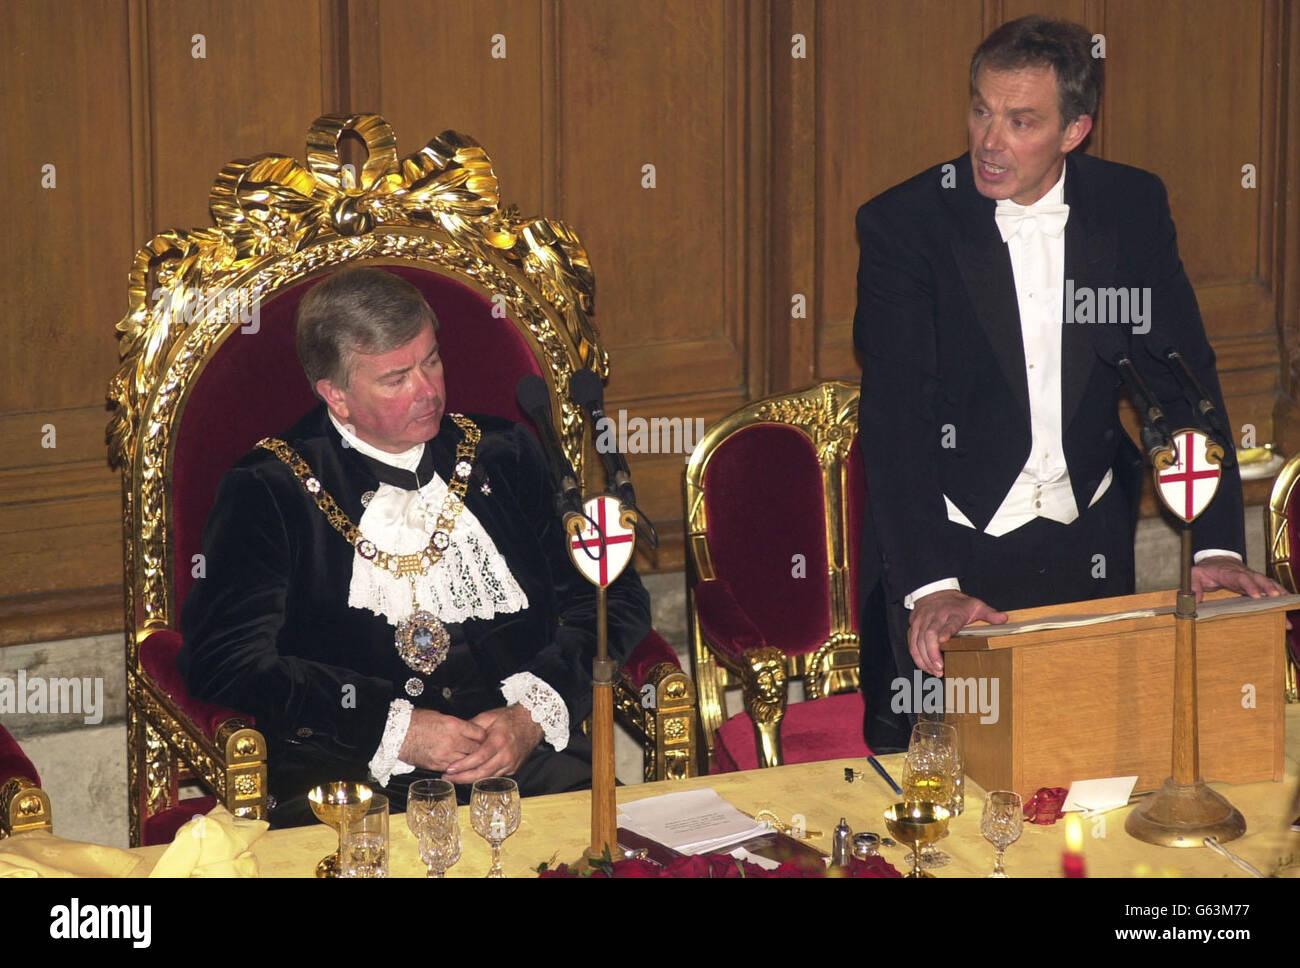 Tony Blair - Keynote Speech - Stock Image